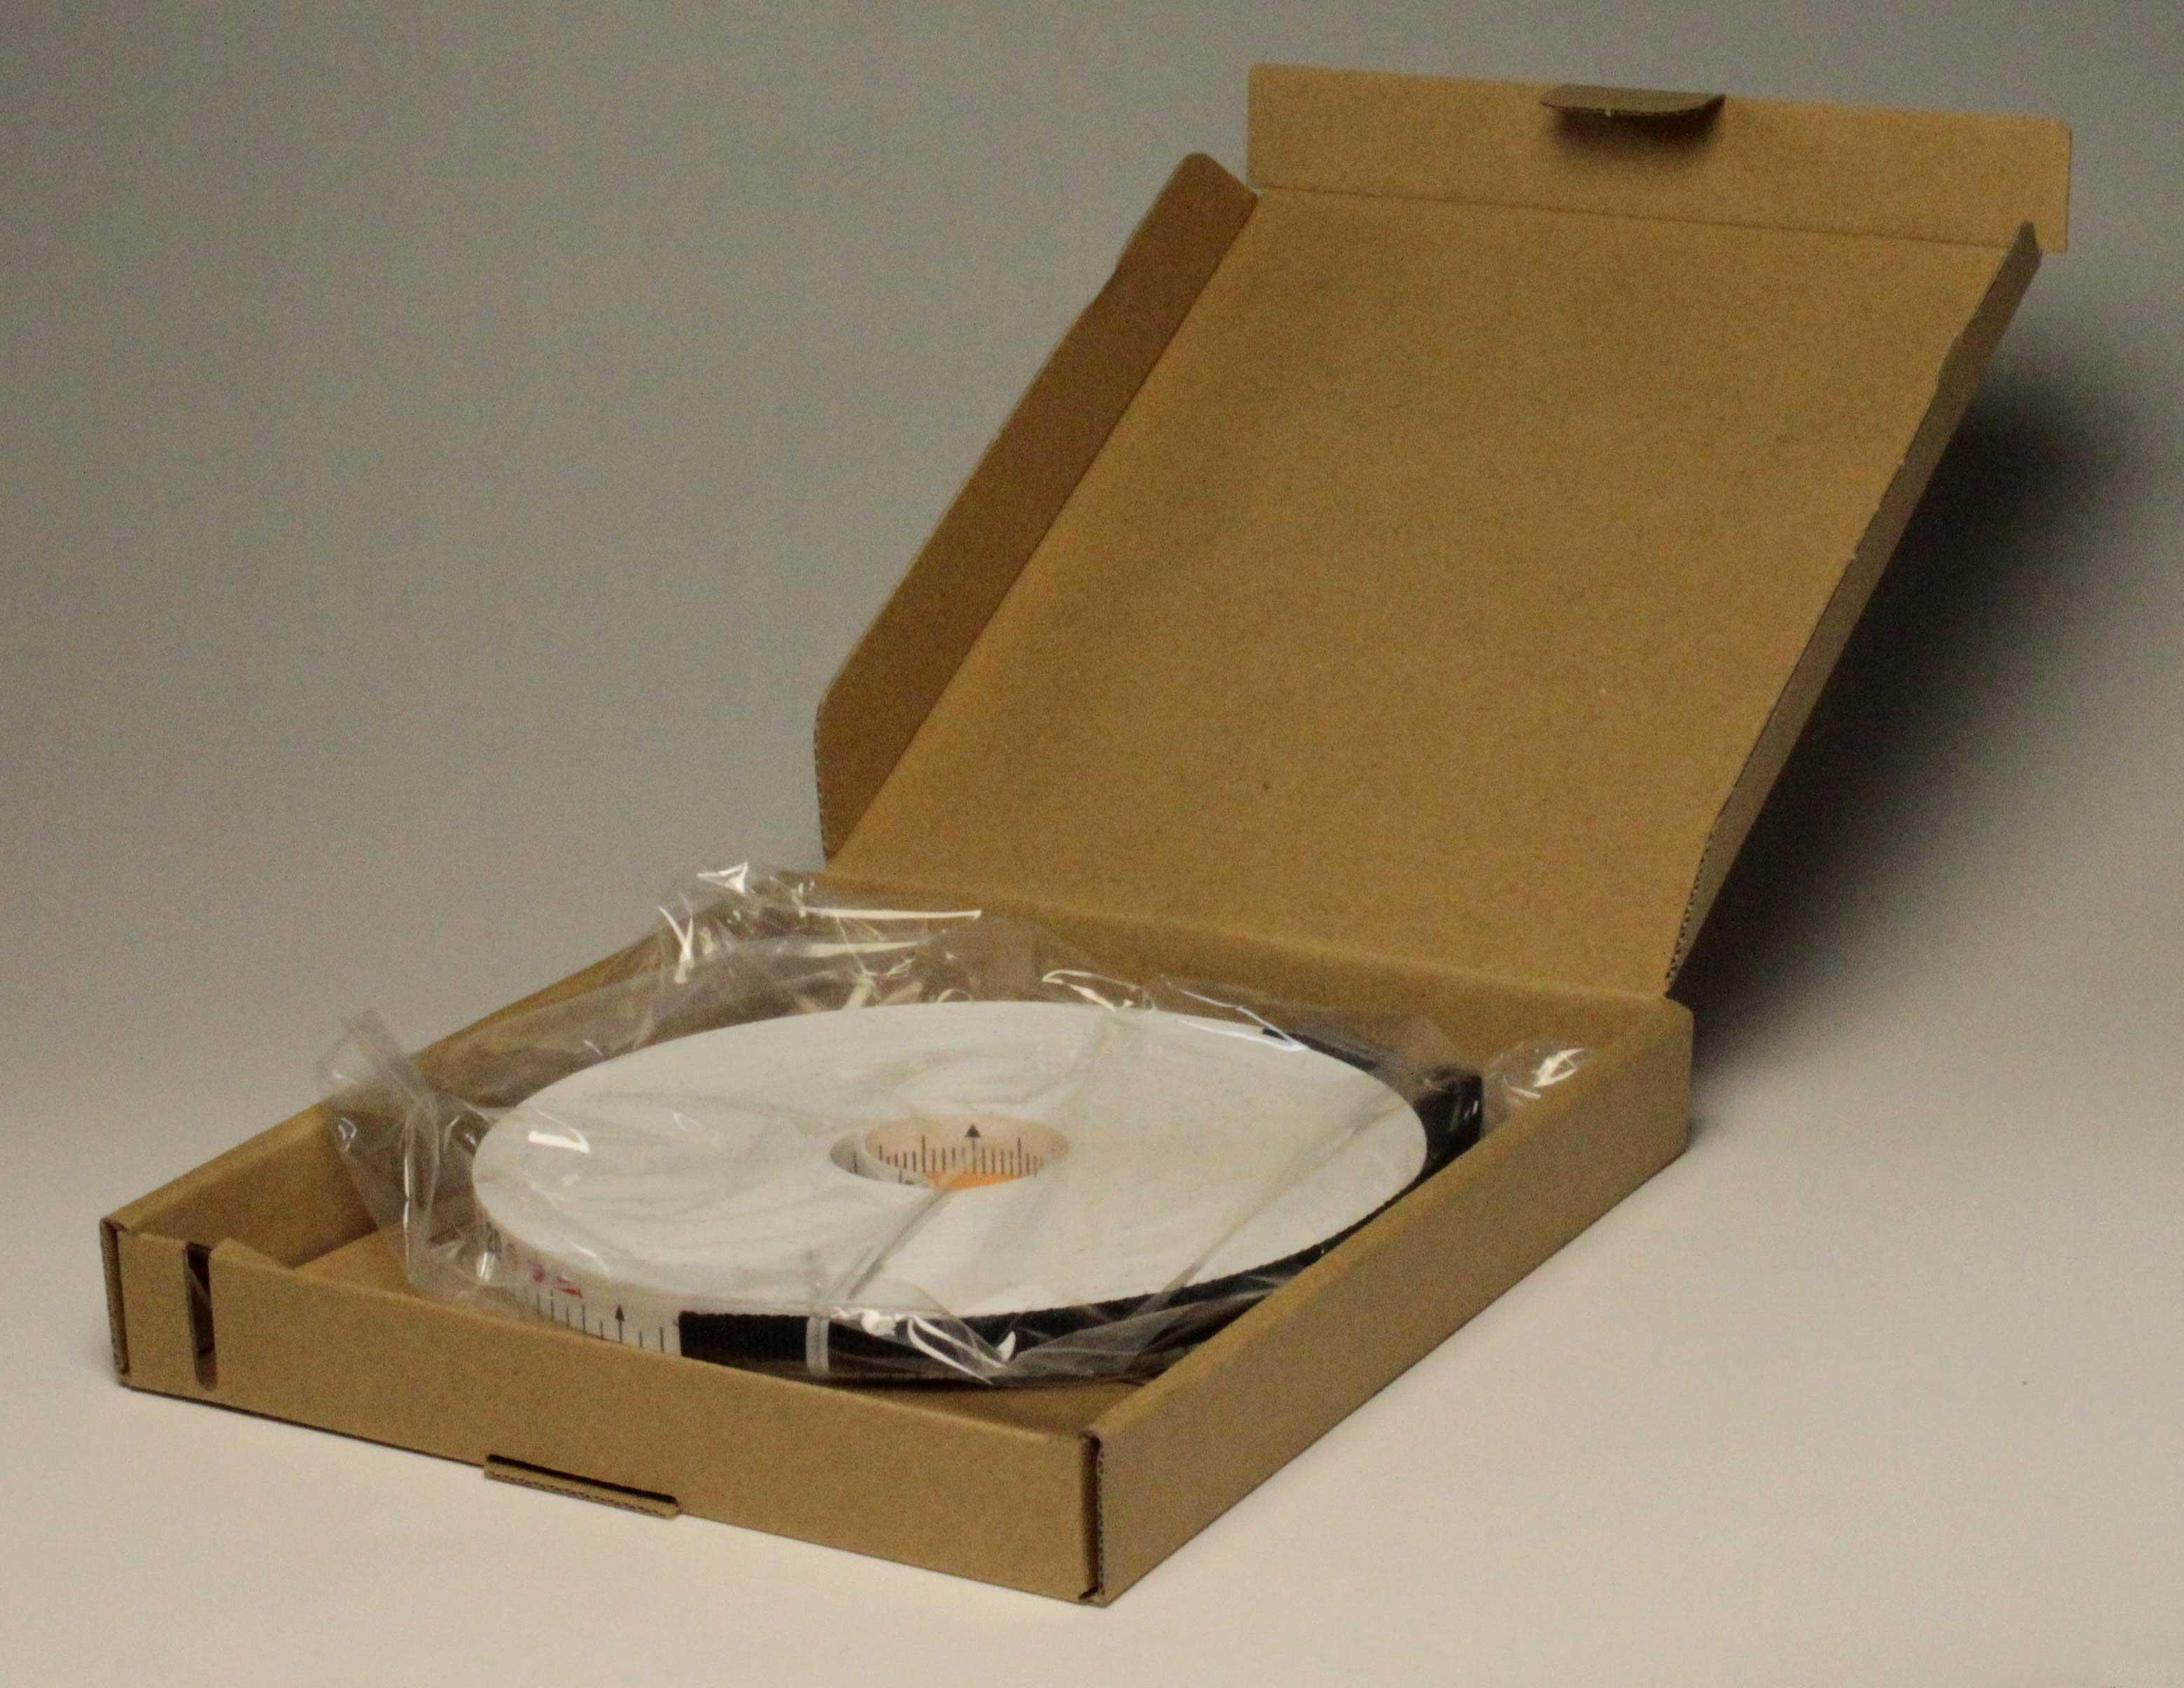 3Xミリオン交換用テープ50m